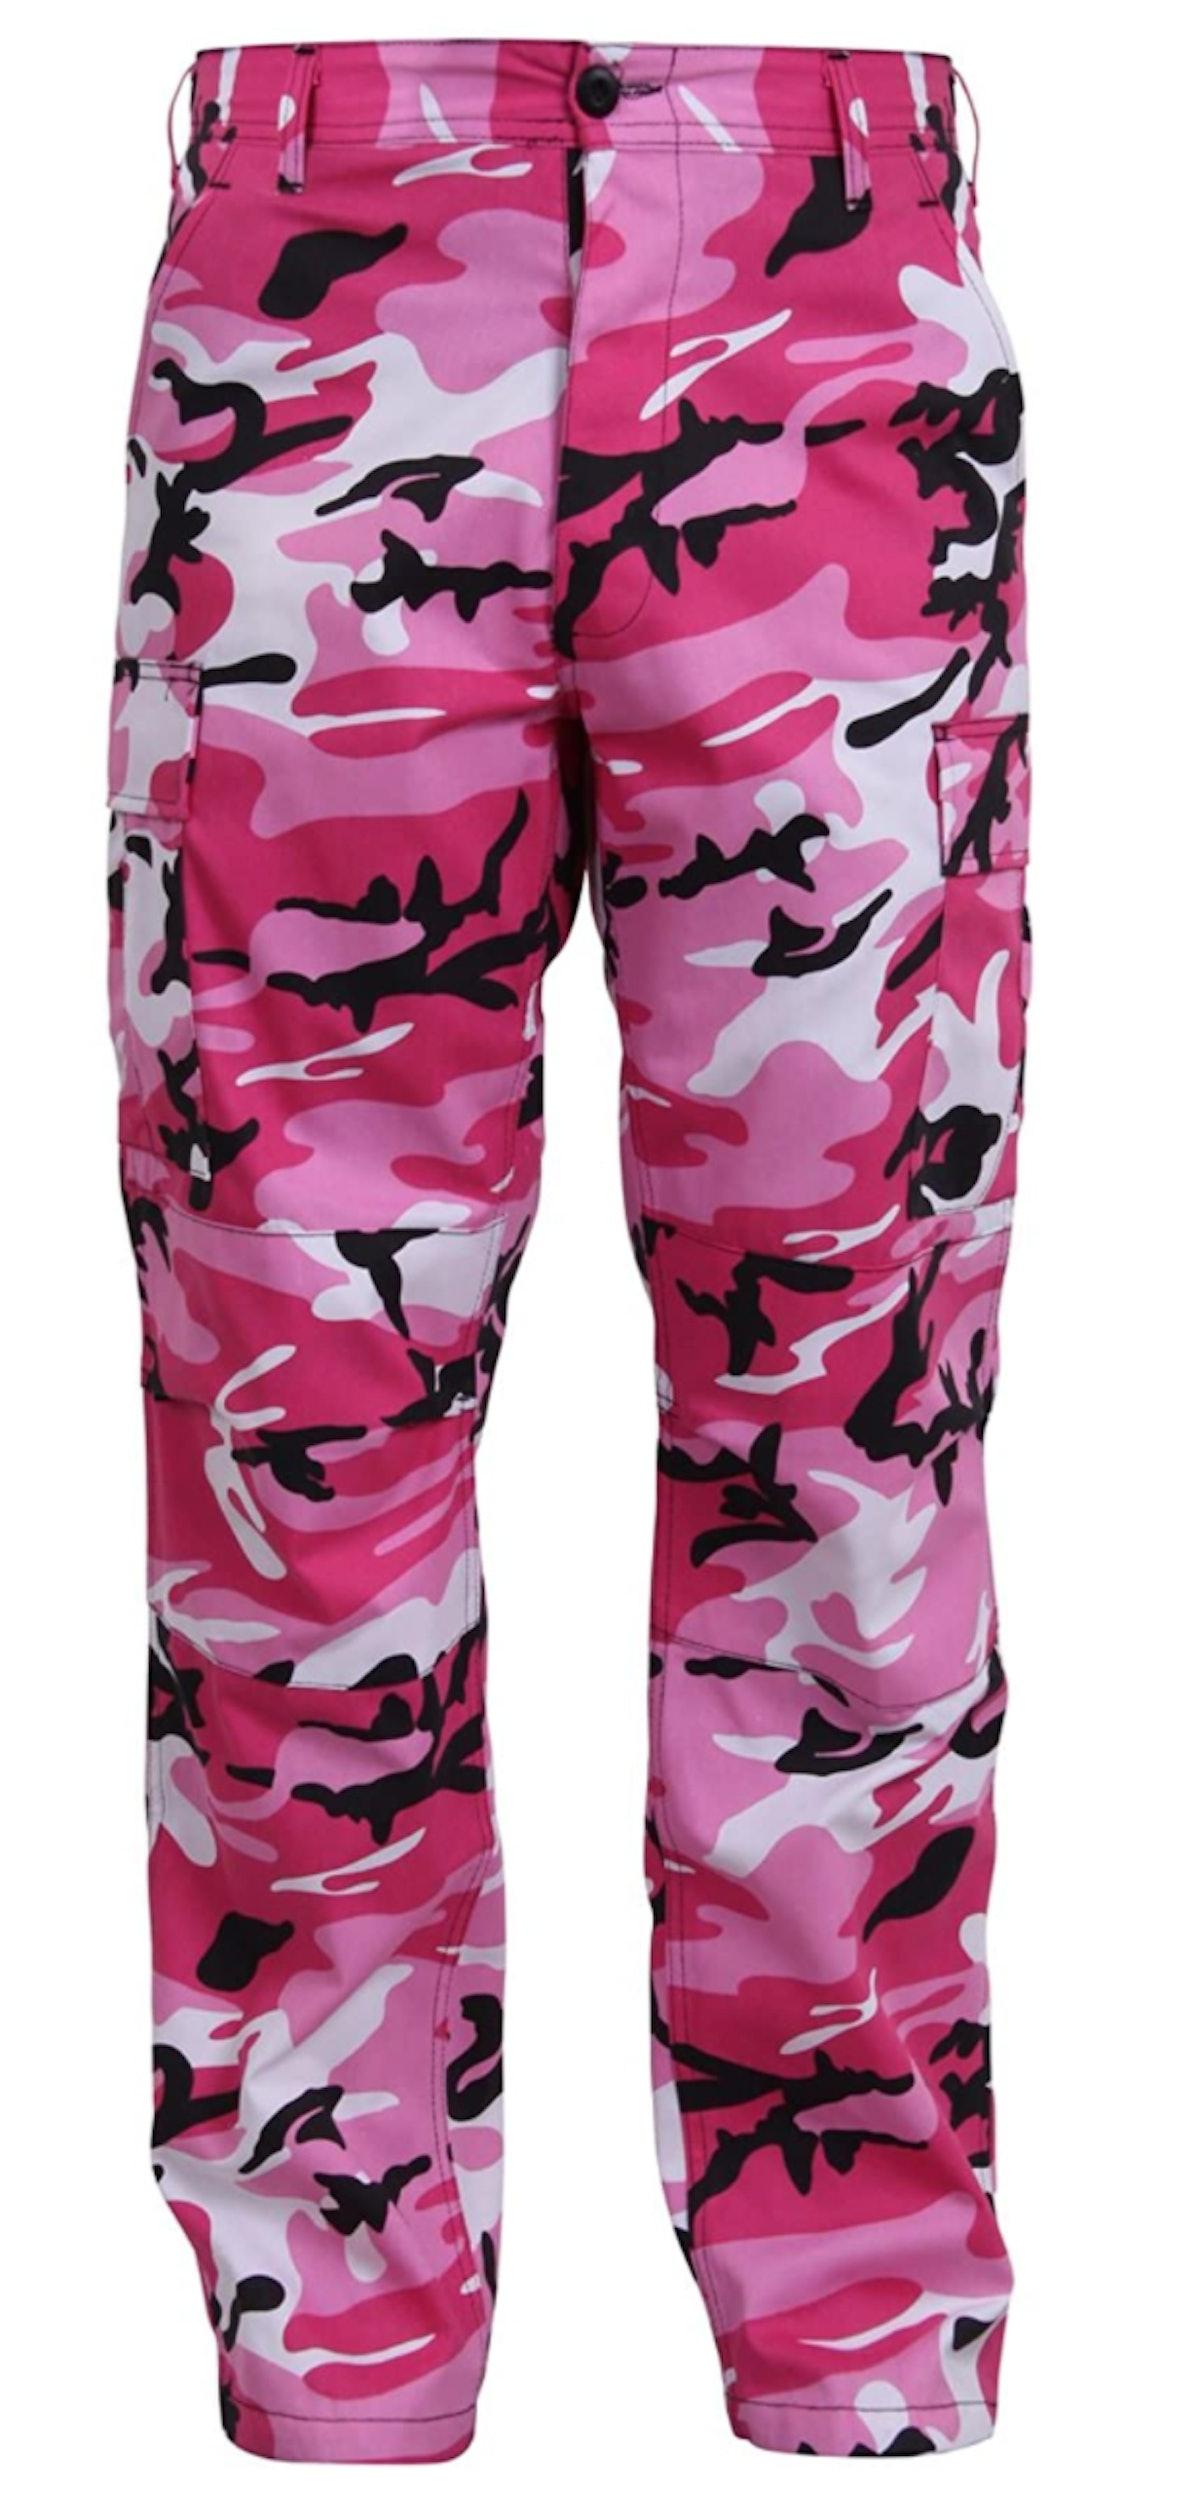 Rothco Pink Camo Military Cargo Pants